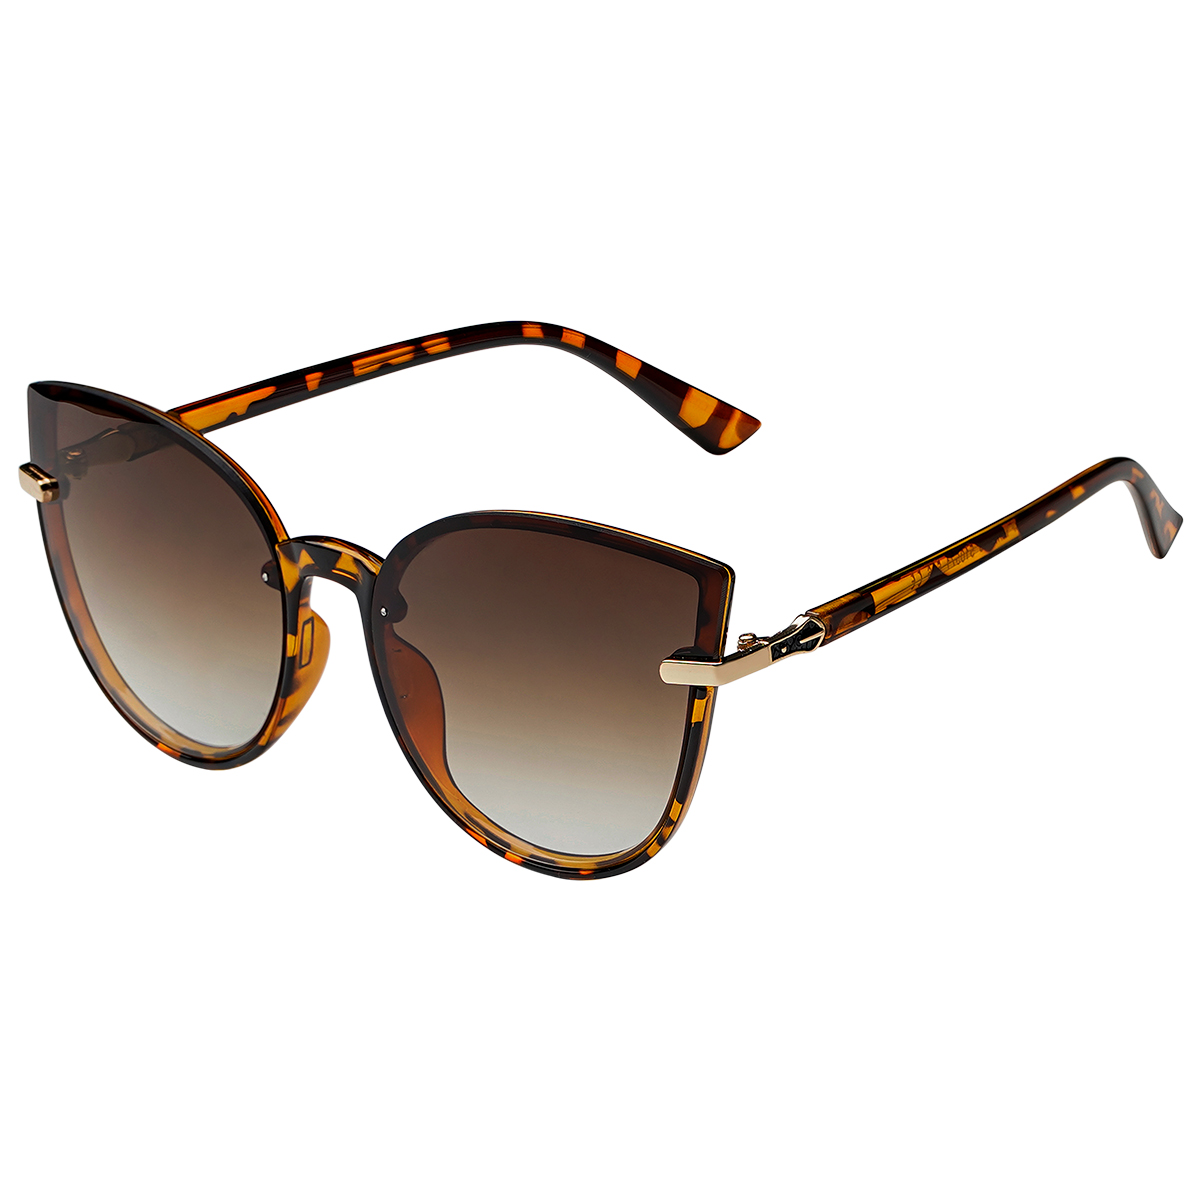 Zonnebril Cat Eye bruin bruine dames zonnebrillen gouden detail trendy festival brillen musthaves kopen bestellen yehwang